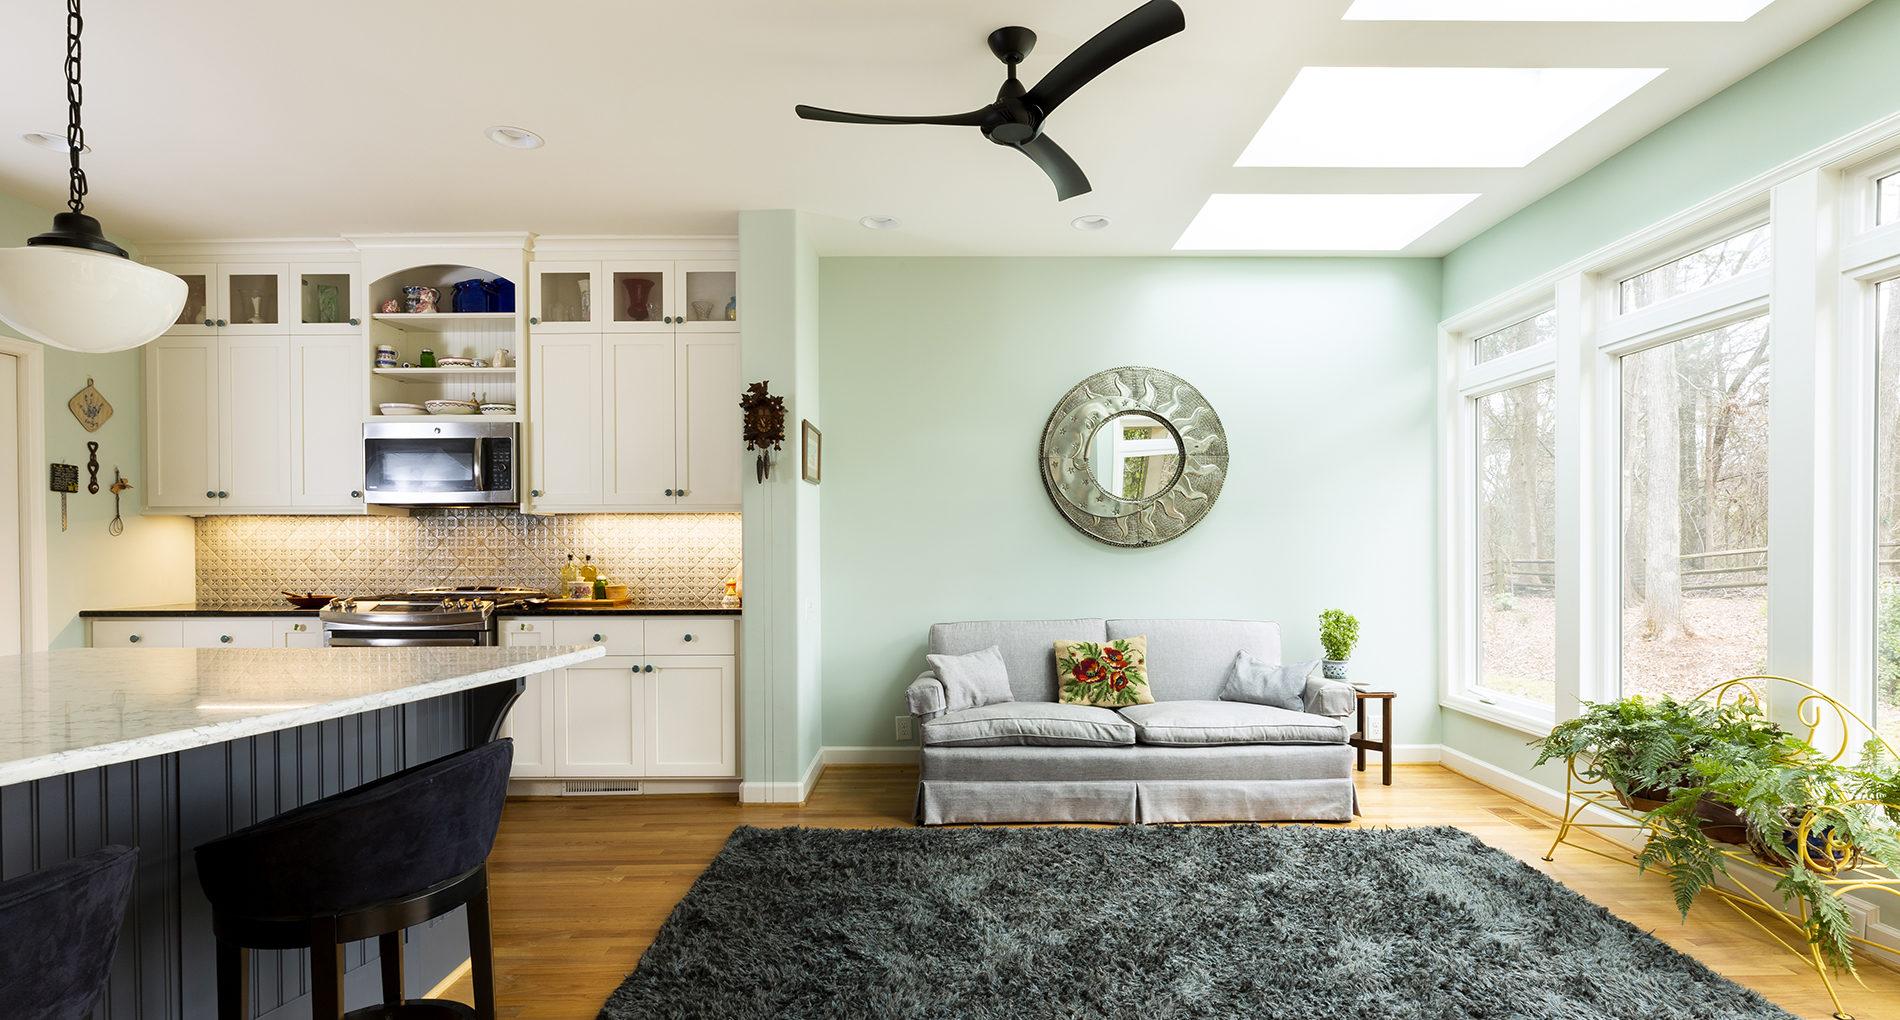 Home Remodel Lakenorman Stourbridge Sliders2